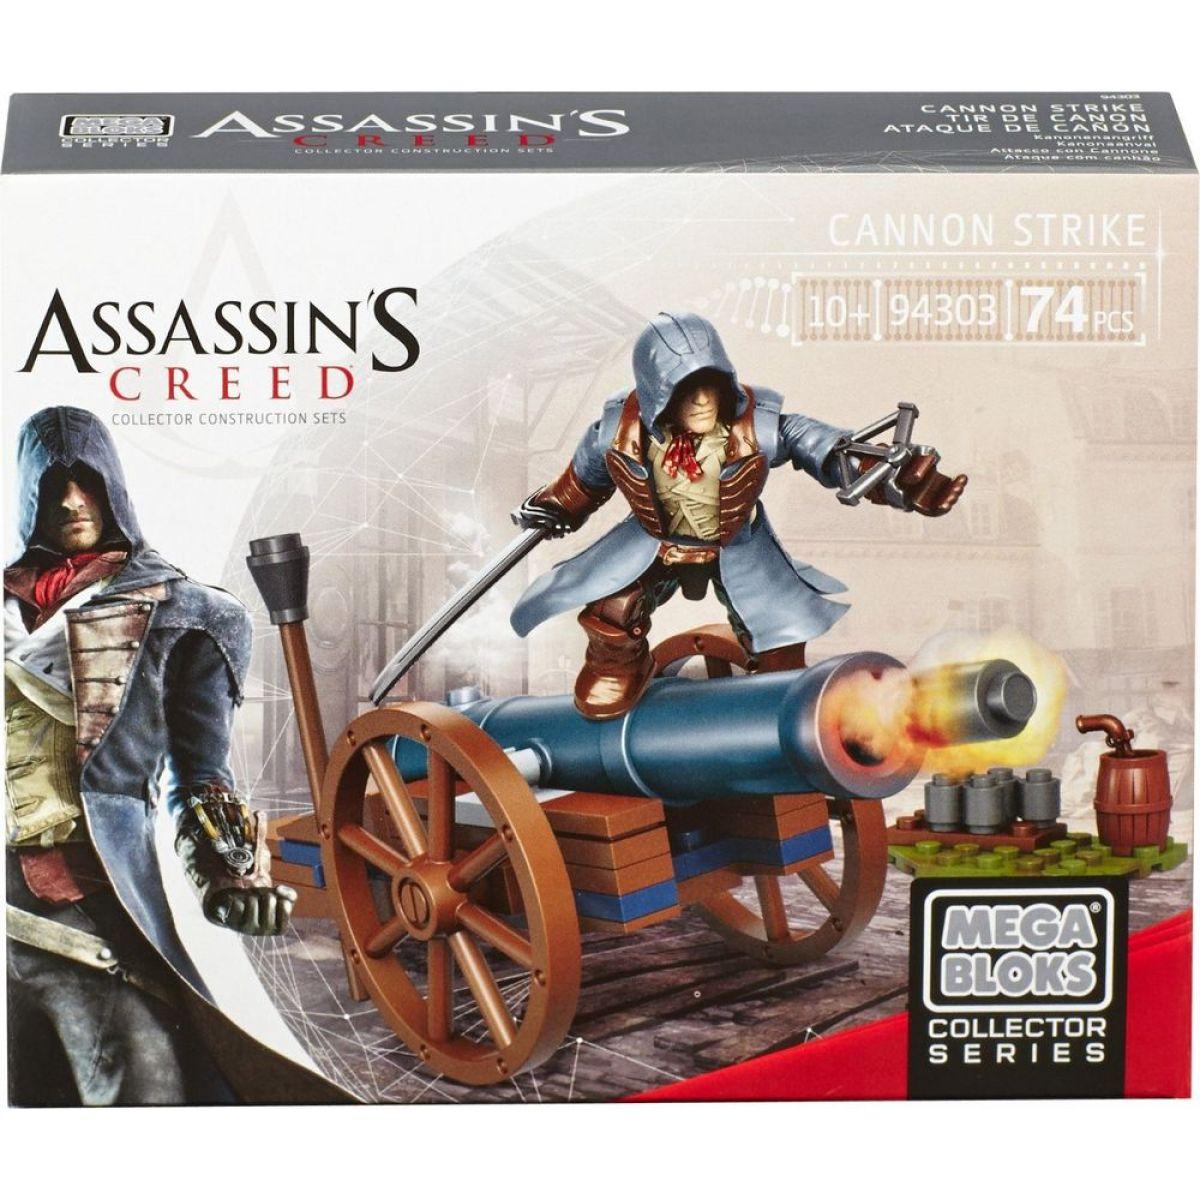 Megabloks Assassin's Creed válečný stroj - Cannon Strike